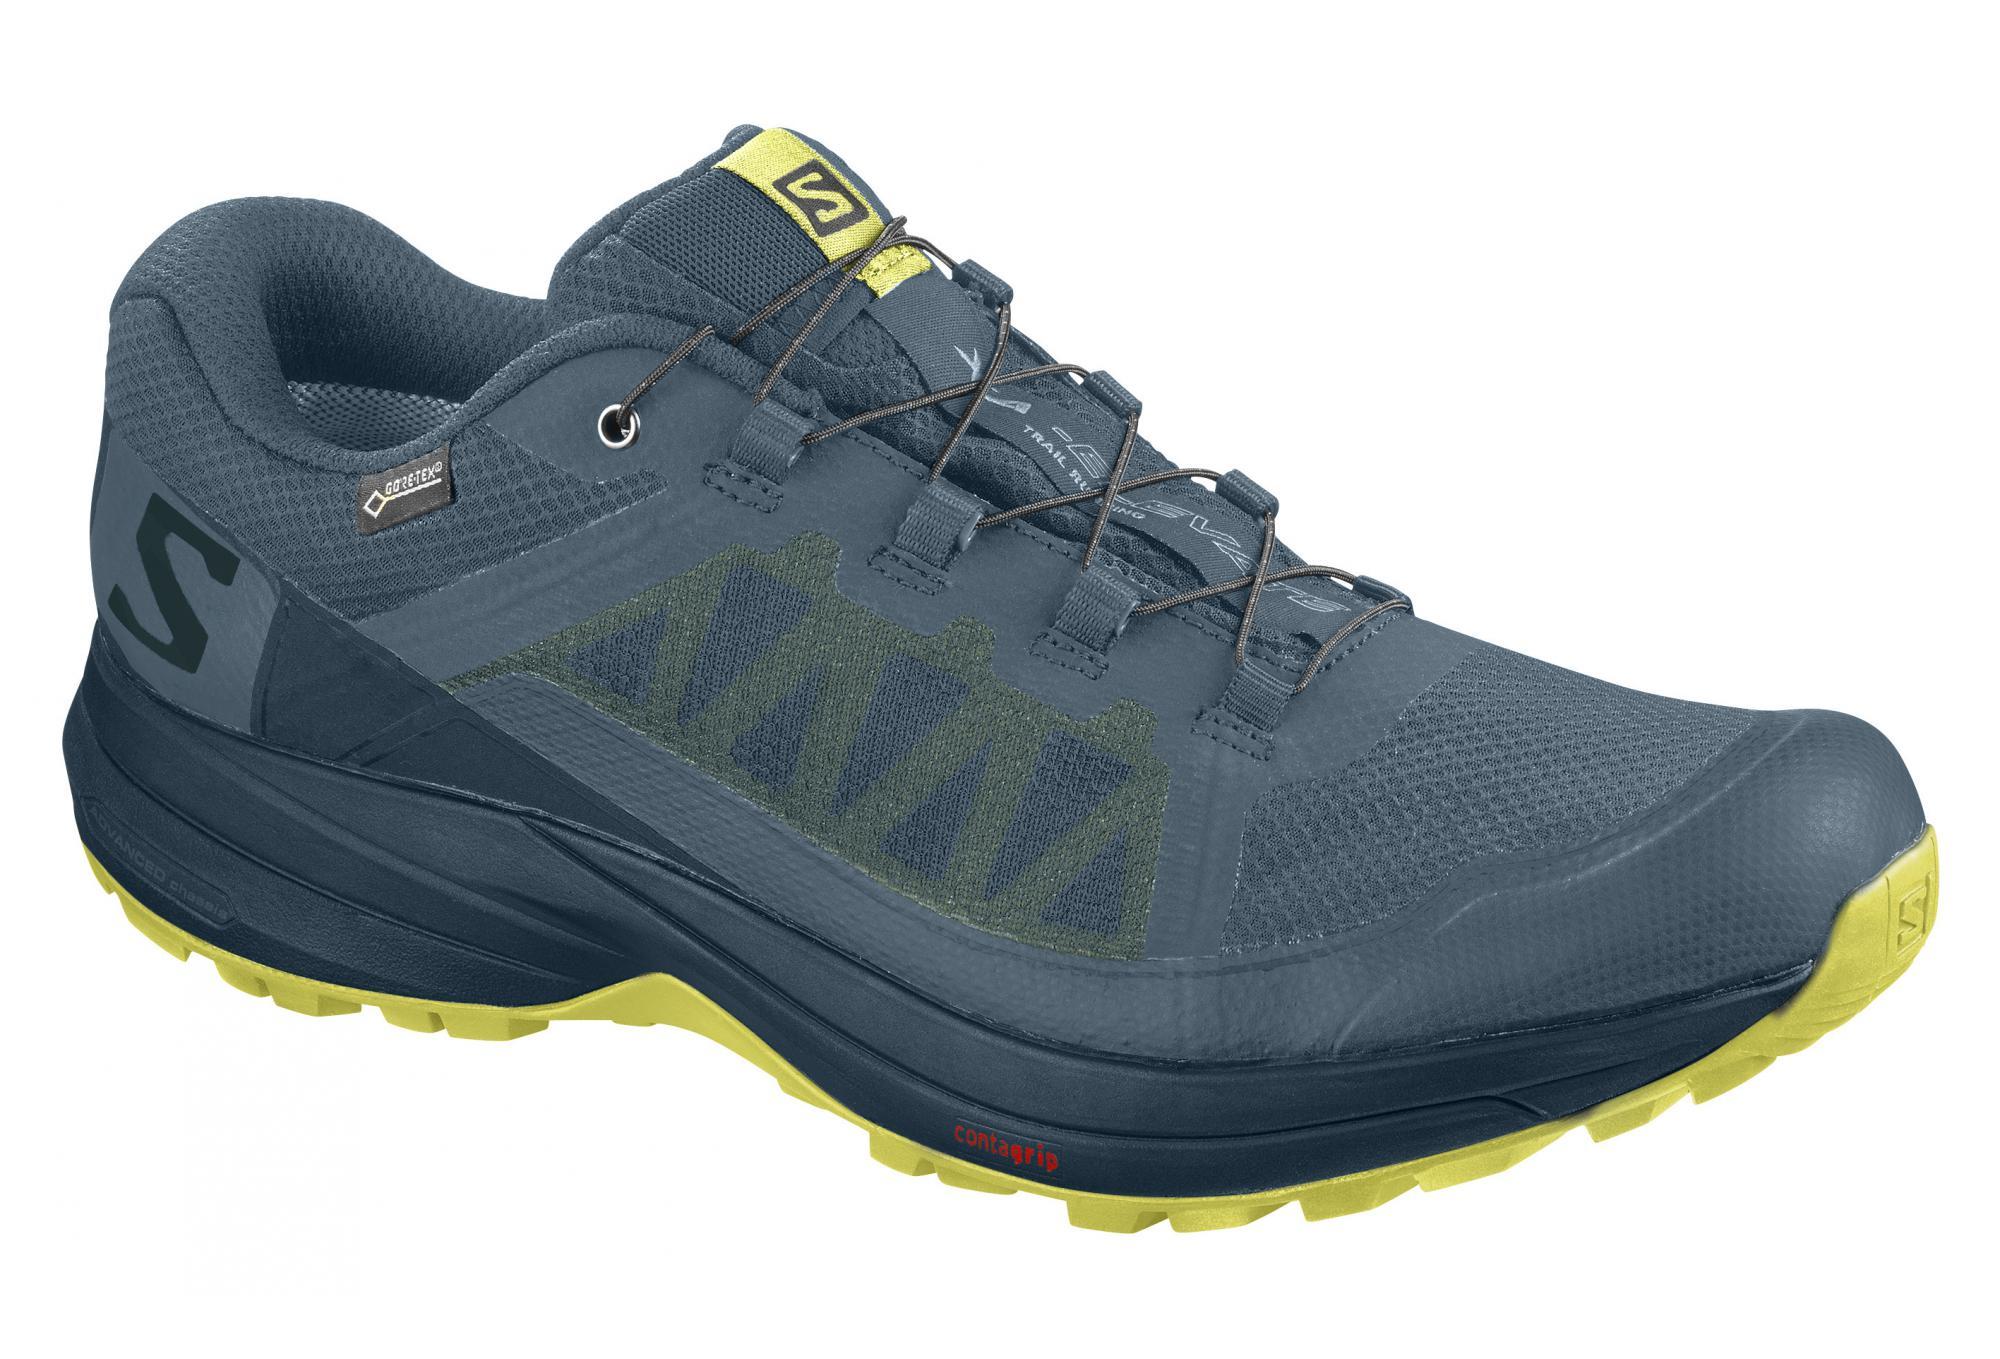 Bleu Salomon Elevate Trail De Gtx Xa Chaussures 0qOYwqP